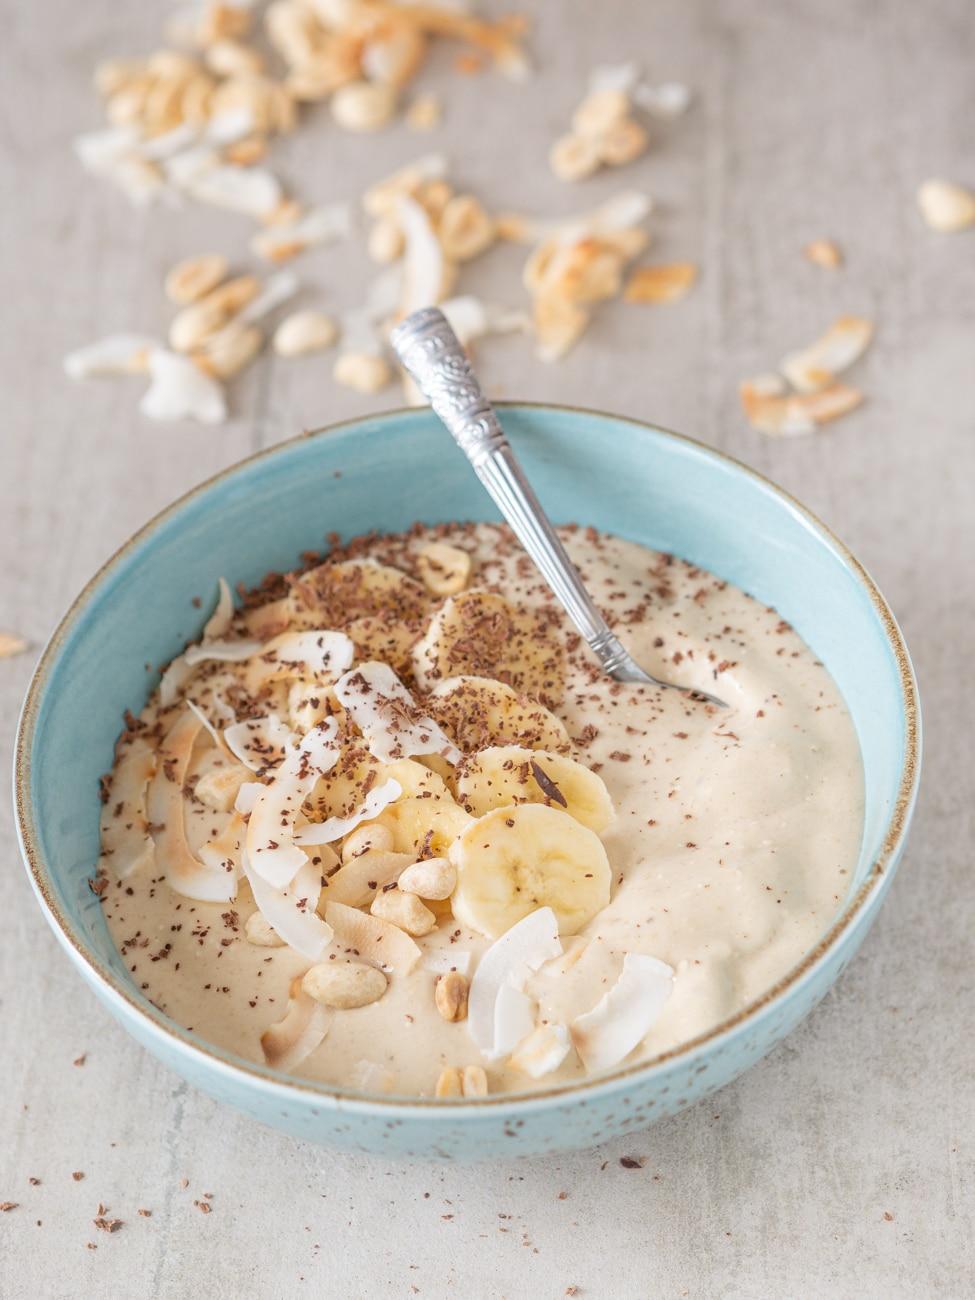 Przepis na Smoothie bowl z masłem orzechowym